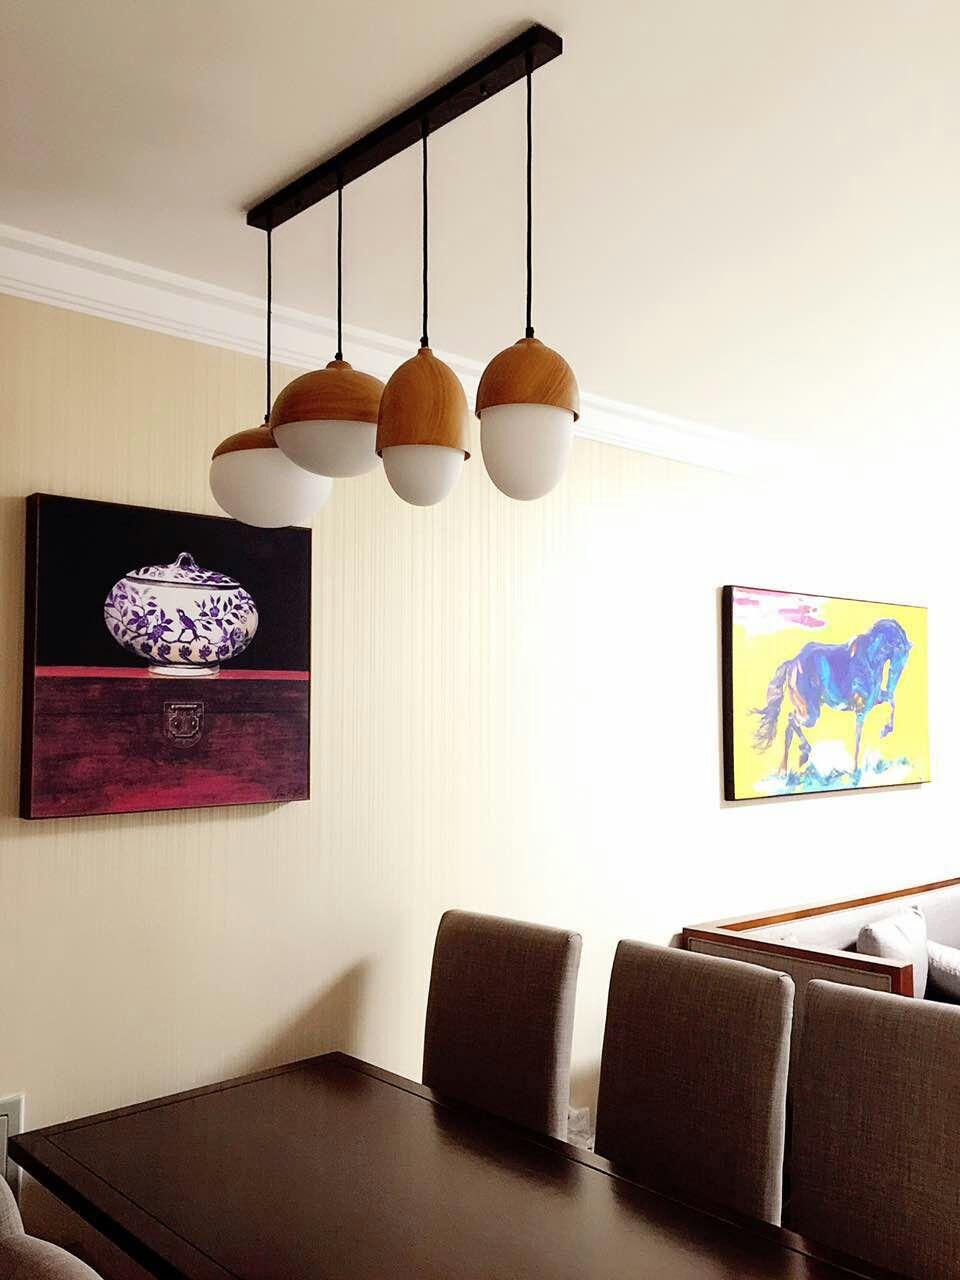 沙发背景墙与餐厅同属一面,有了温馨的壁纸衬托,无论在阳光还是灯光下,都让佳肴更加美味。